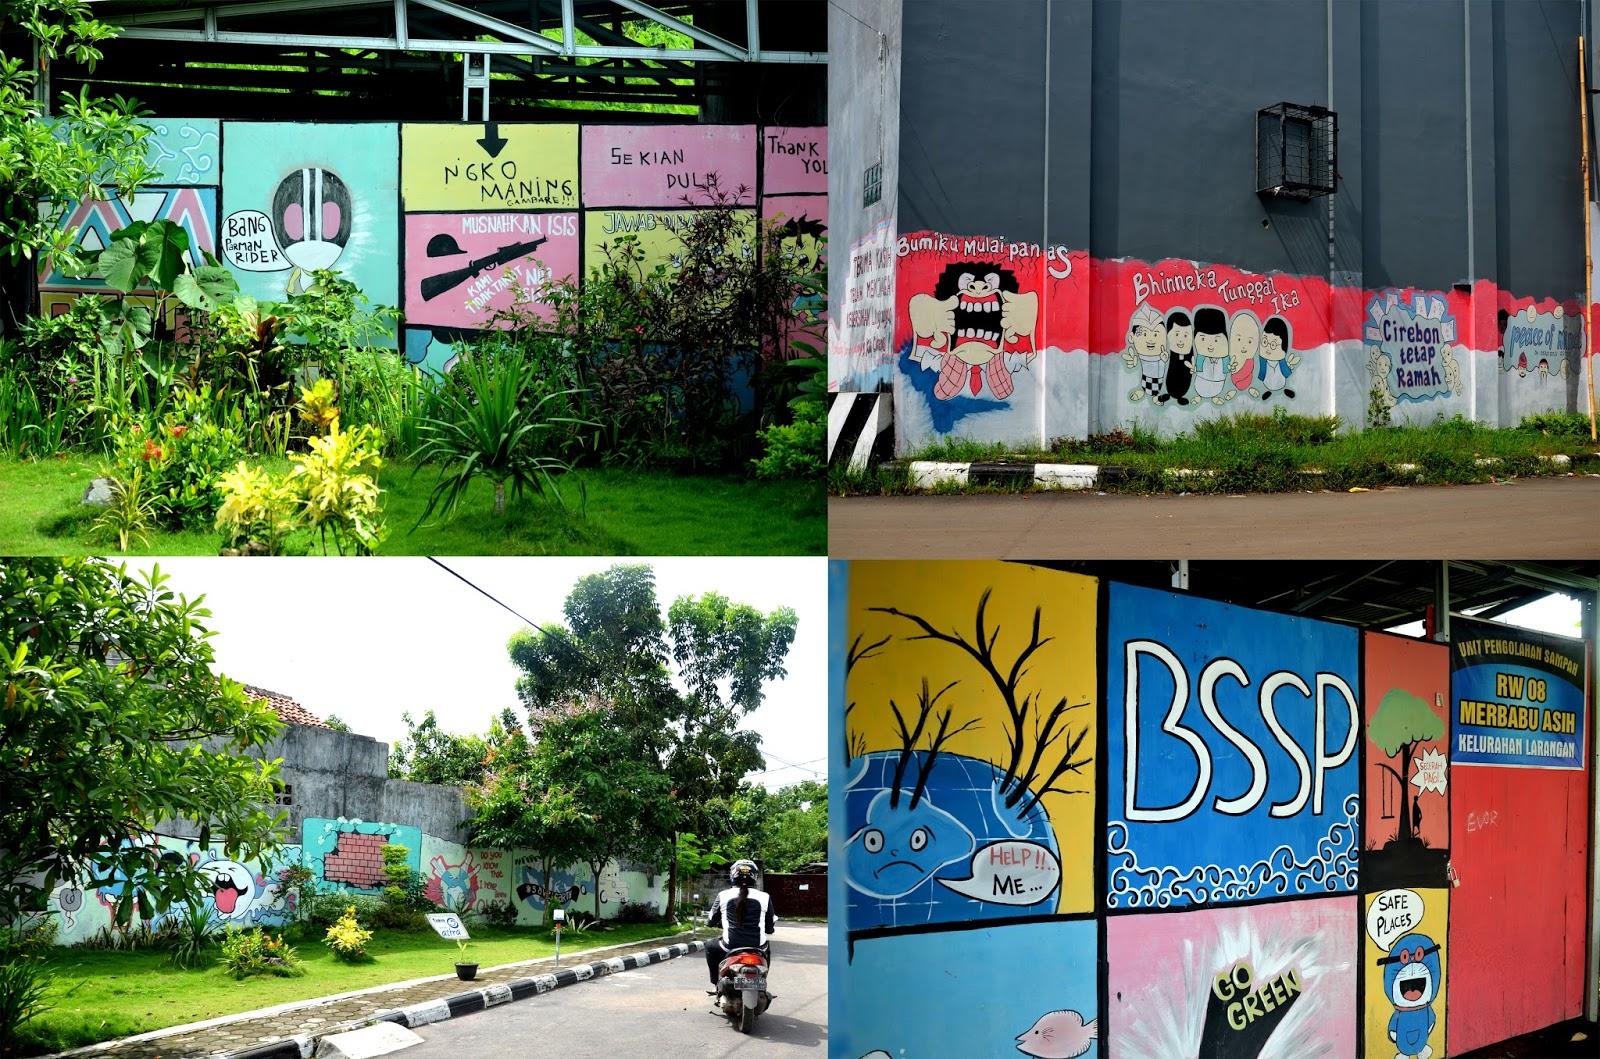 Lokasi Bank Sampah Syariah RW 08 Merbabu Asih